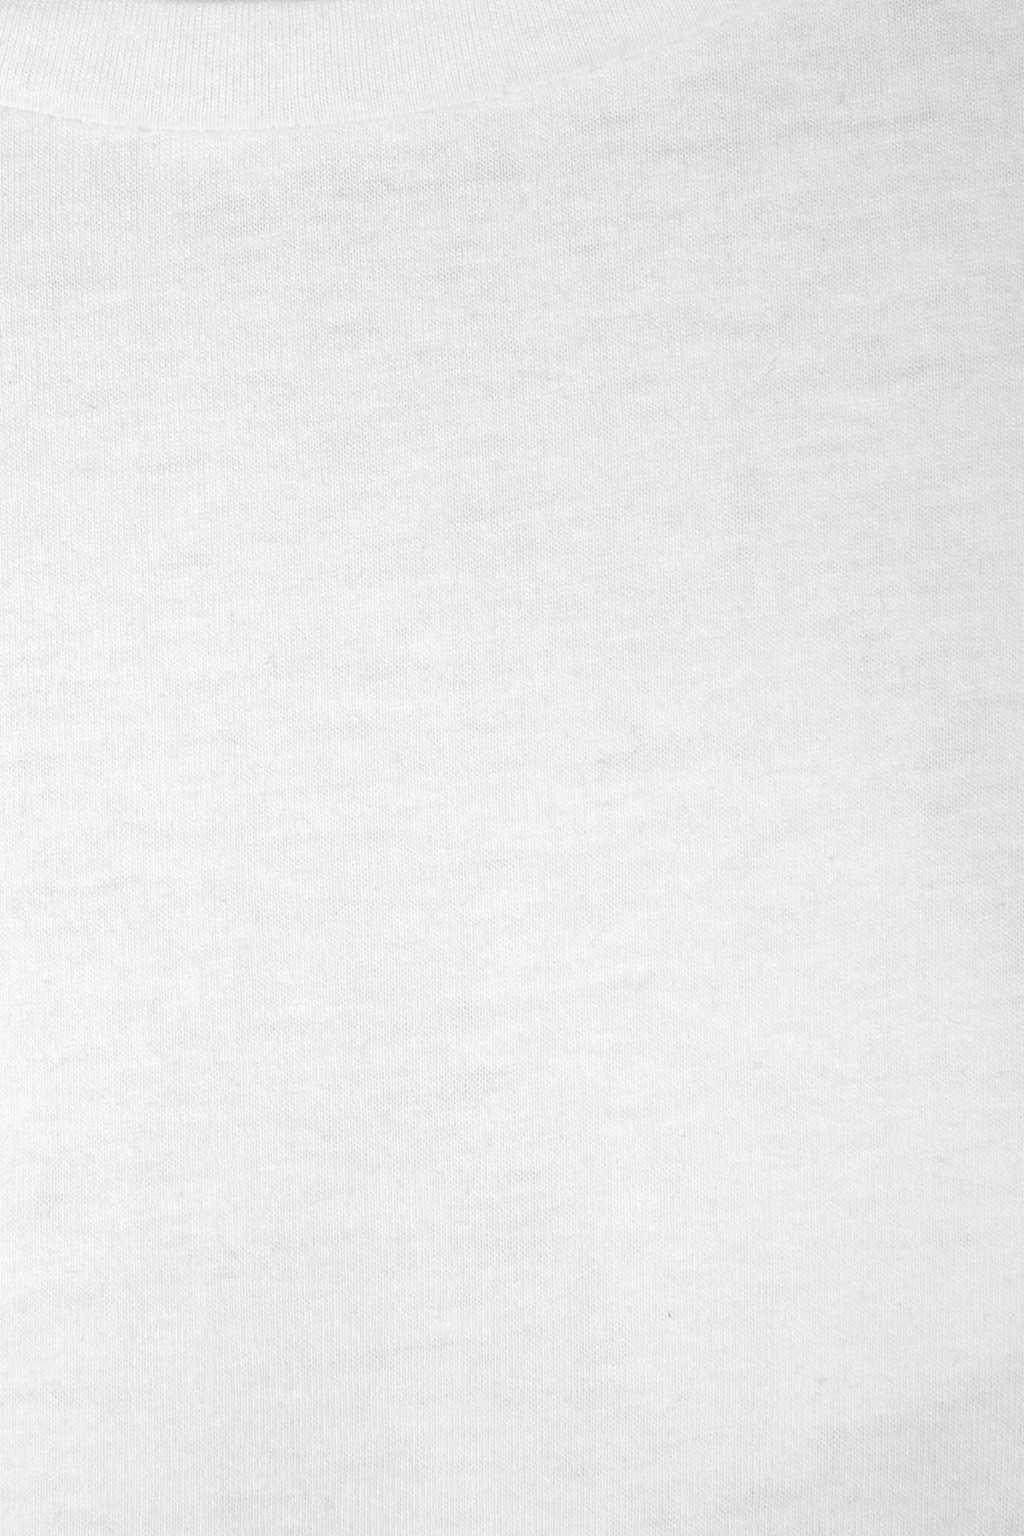 TShirt 1433 White 20